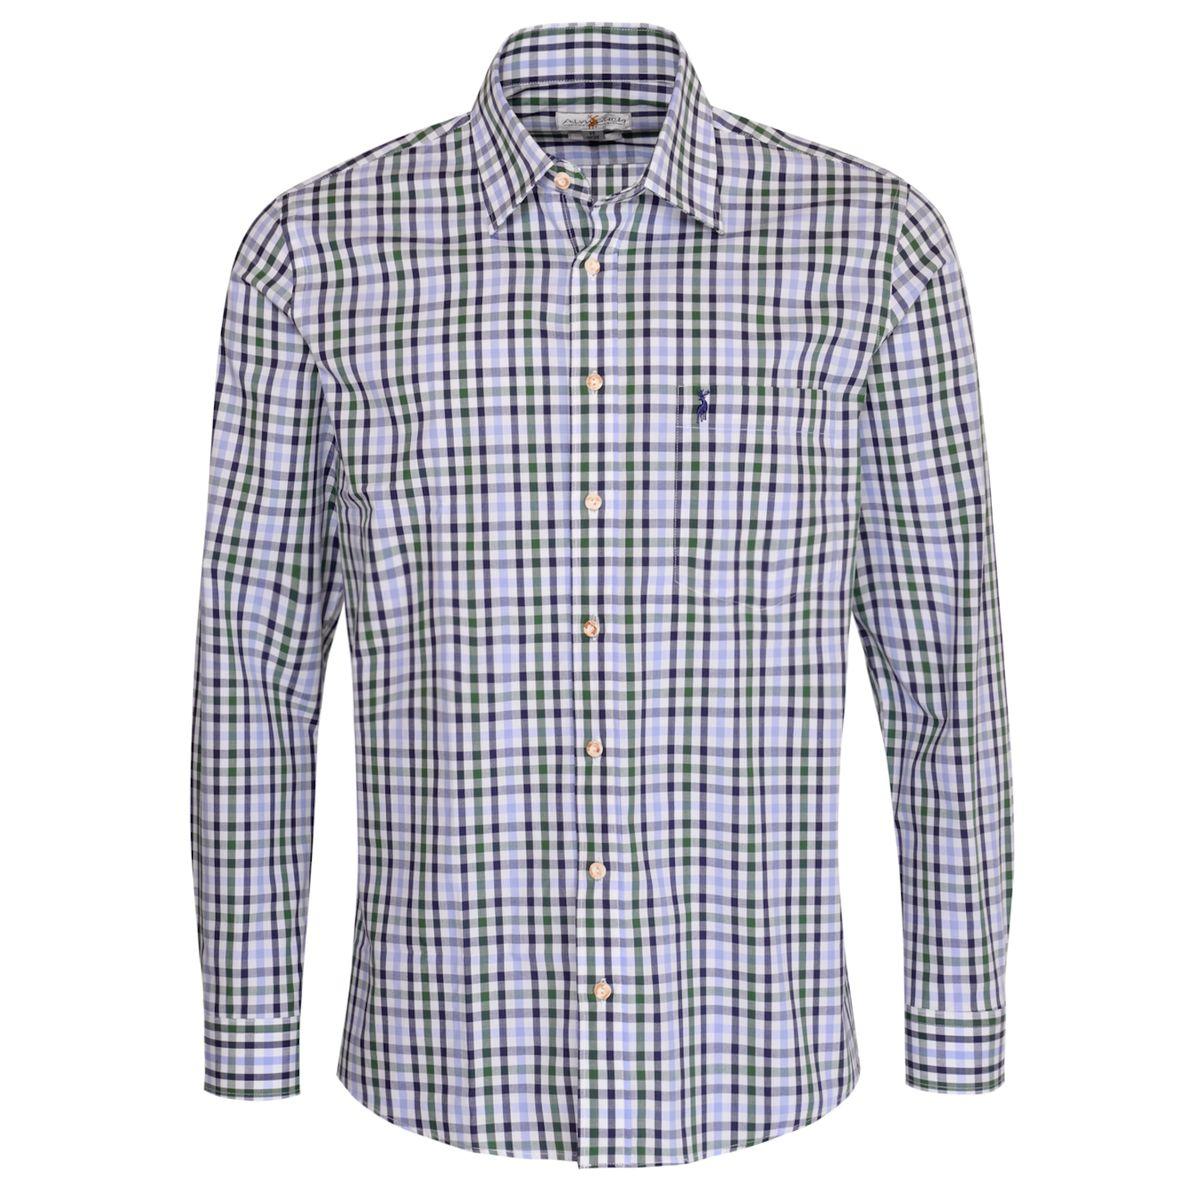 Trachtenhemd Beppo Regular Fit zweifarbig in Hellblau und Dunkelgrün von Almsach günstig online kaufen